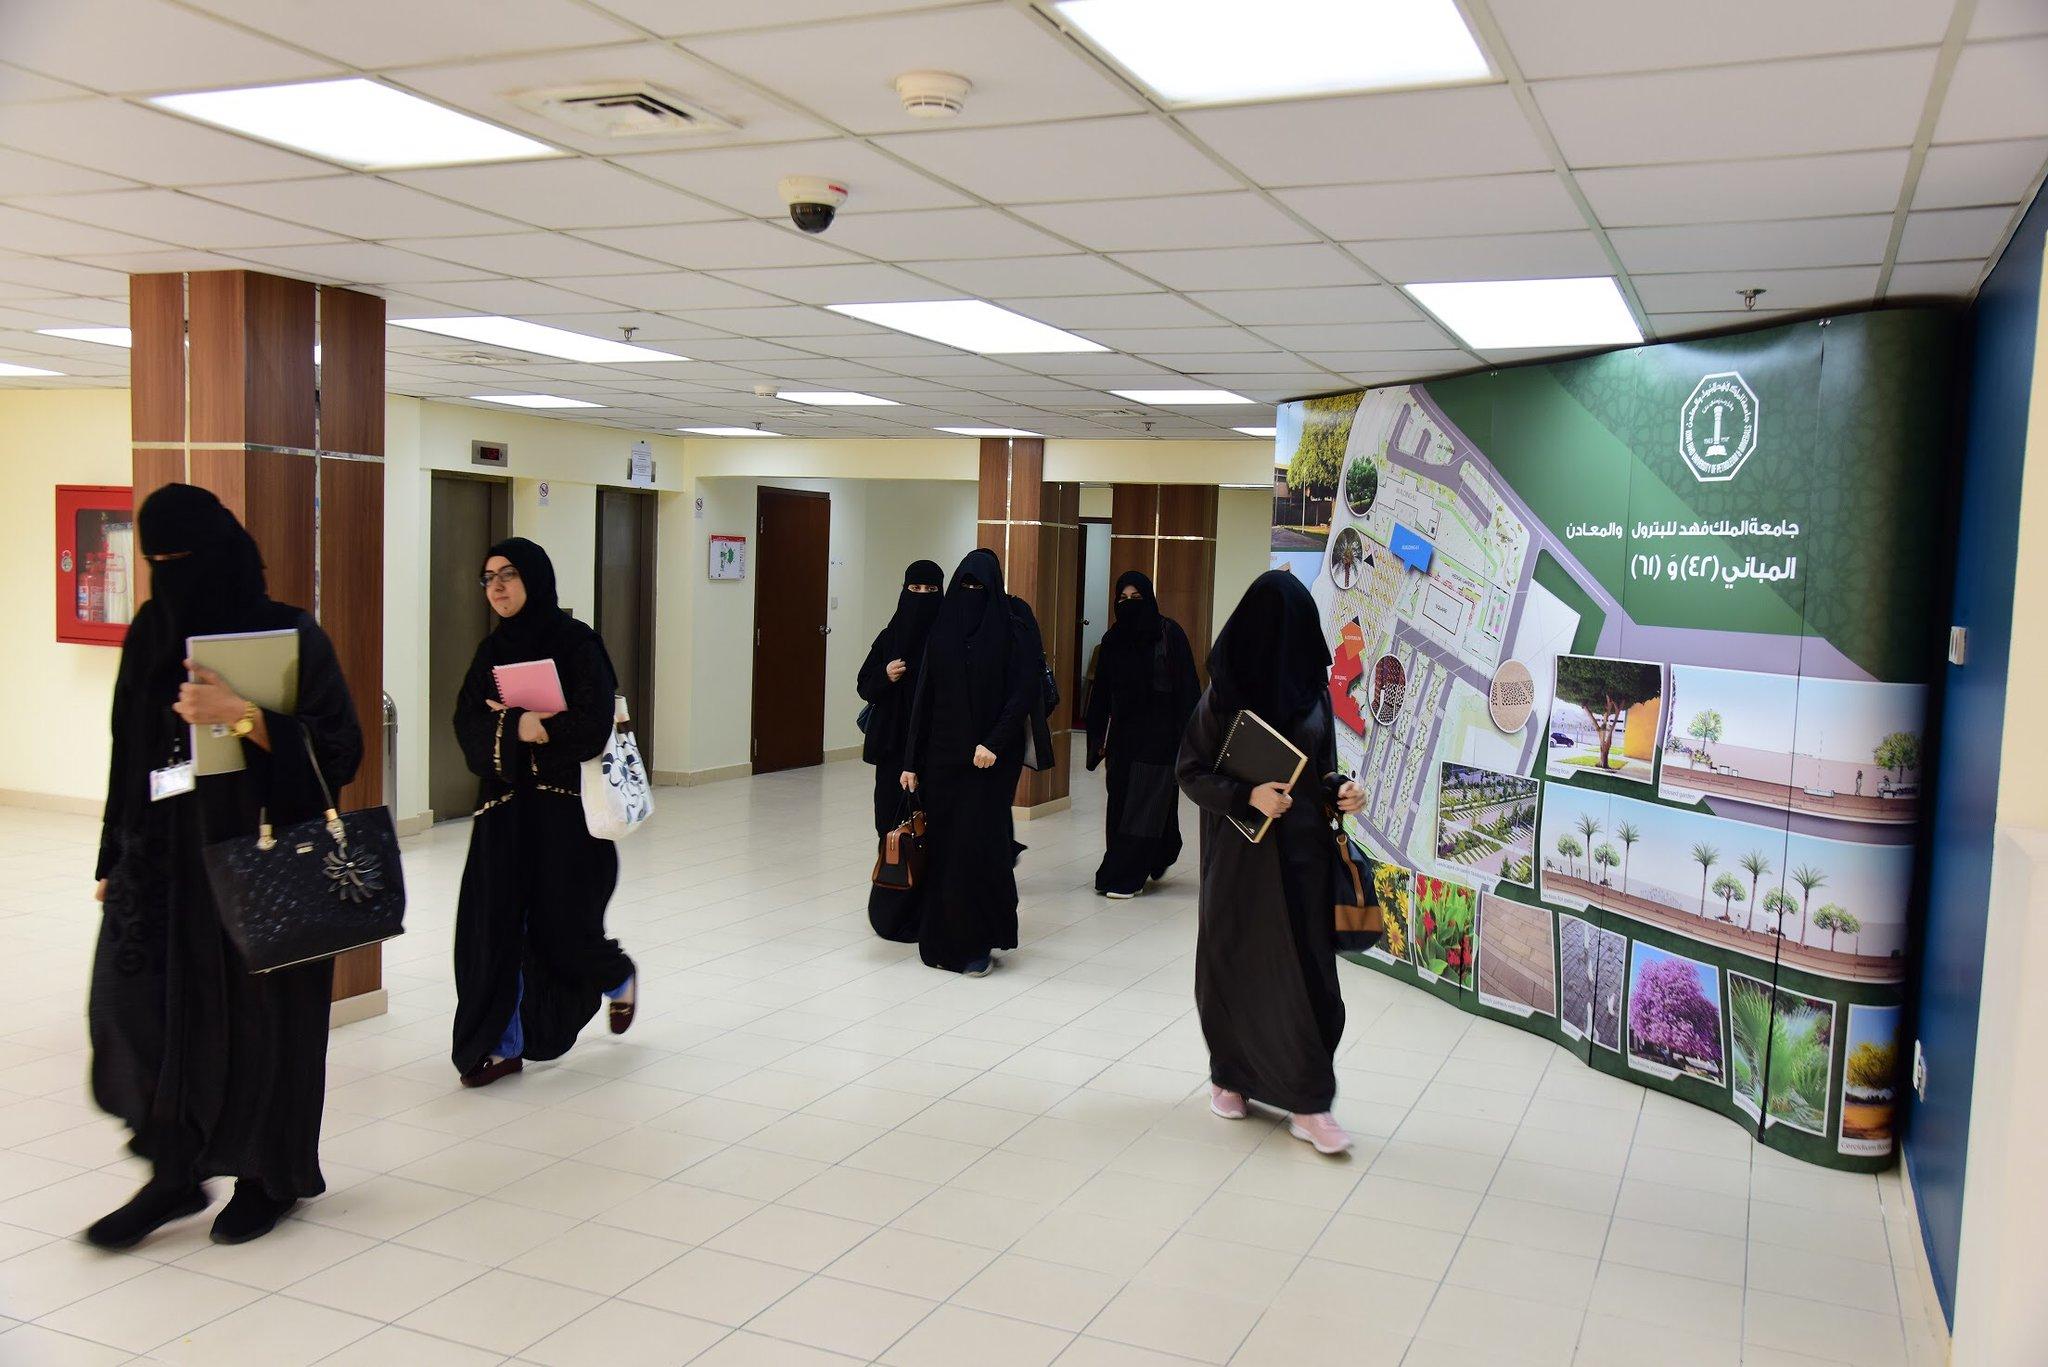 طالبات سعوديات في قاعات جامعة البترول اندبندنت عربية